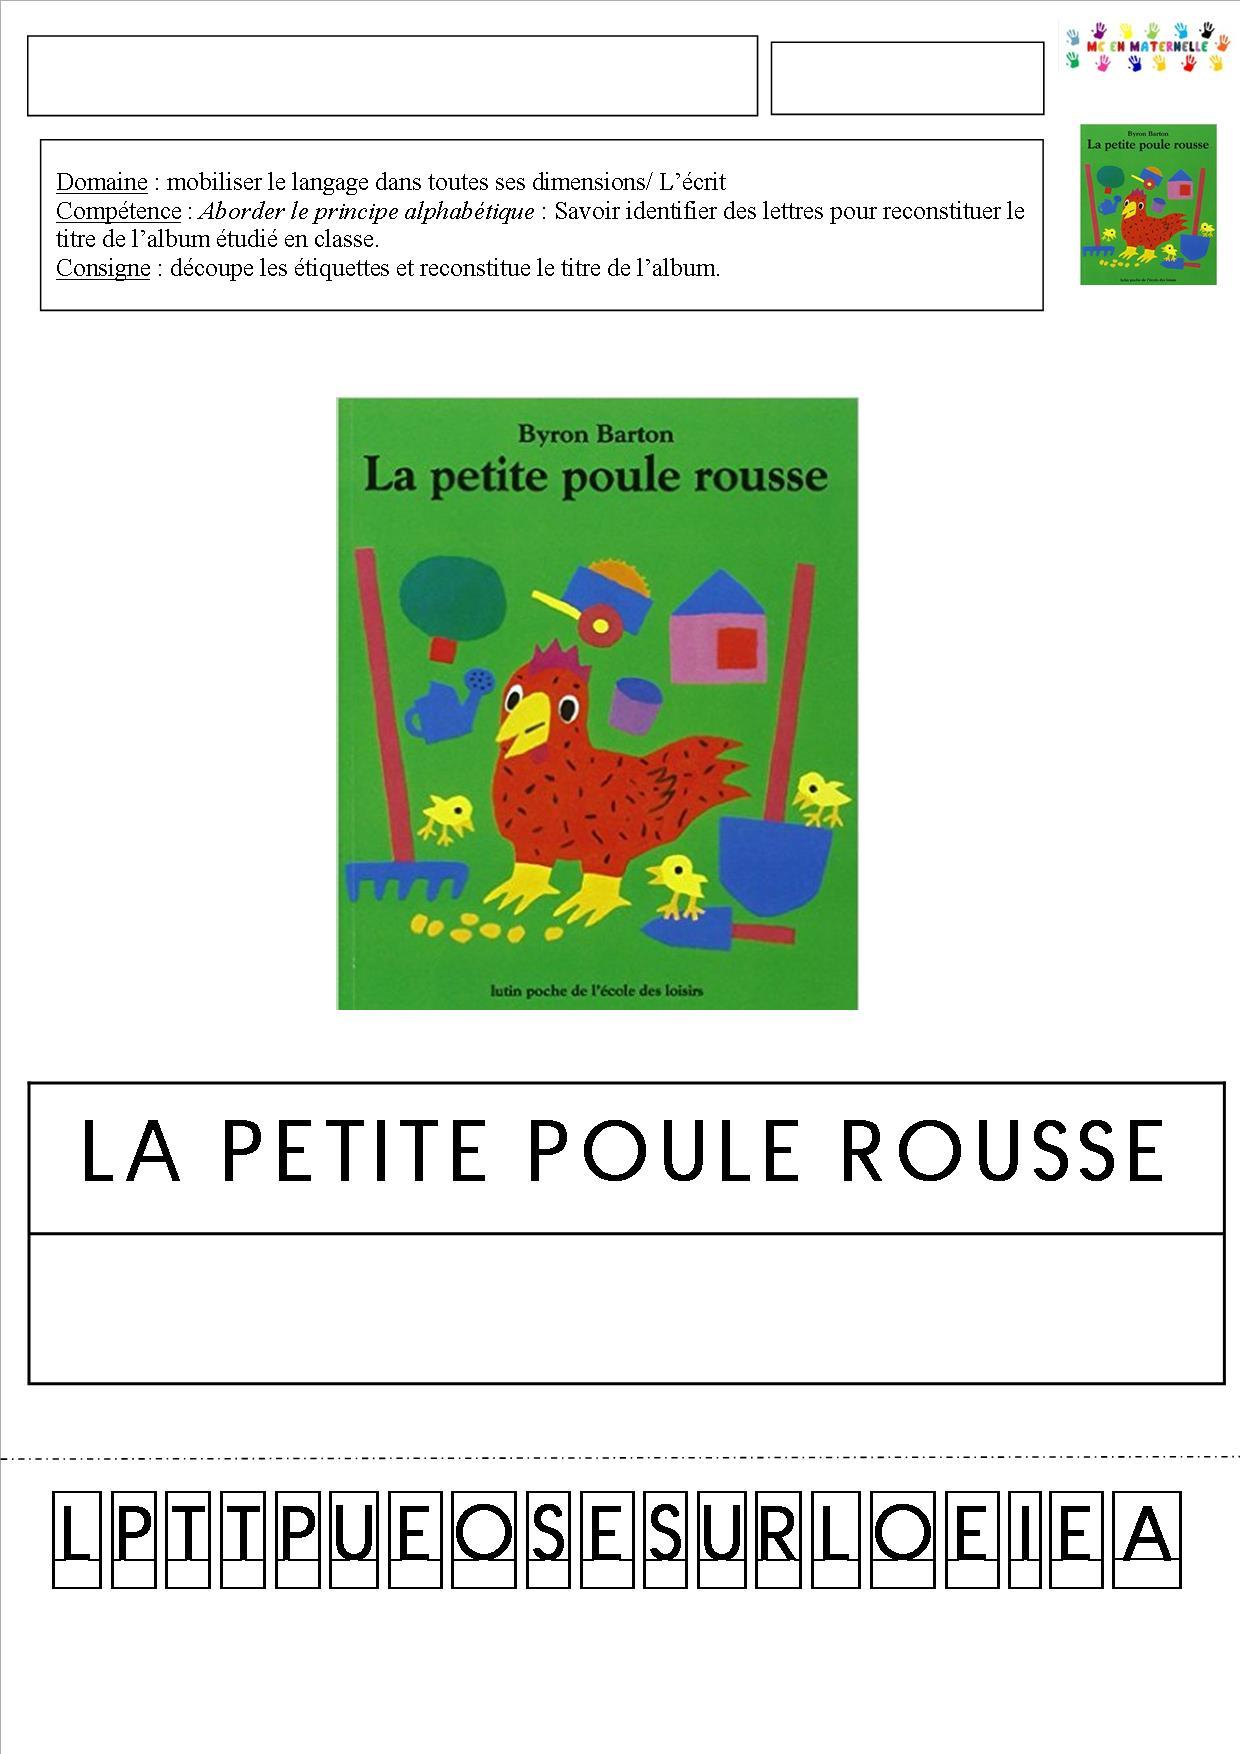 La Petite Poule Rousse Maternelle : petite, poule, rousse, maternelle, Petite, Poule, Rousse, Reconstituer, Titre, L'histoire, Plusieurs, Graphies, Possibles, Maternelle